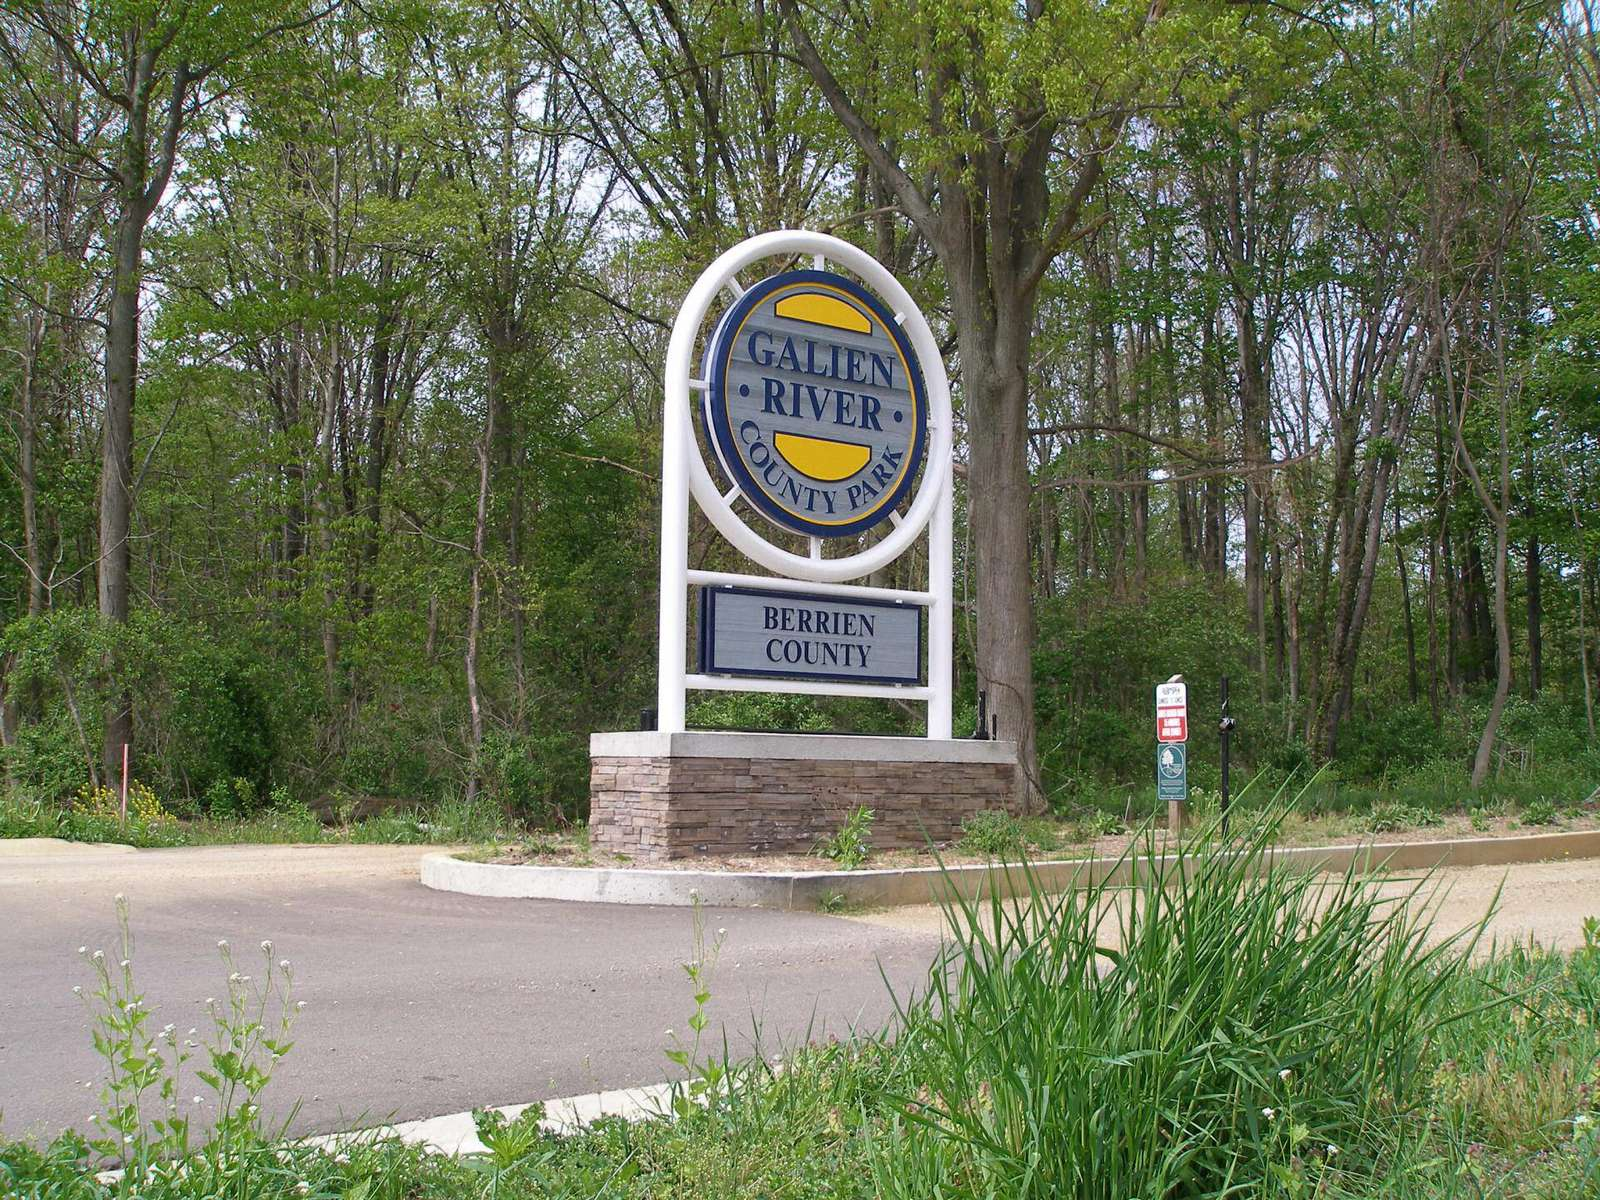 Galien River Park